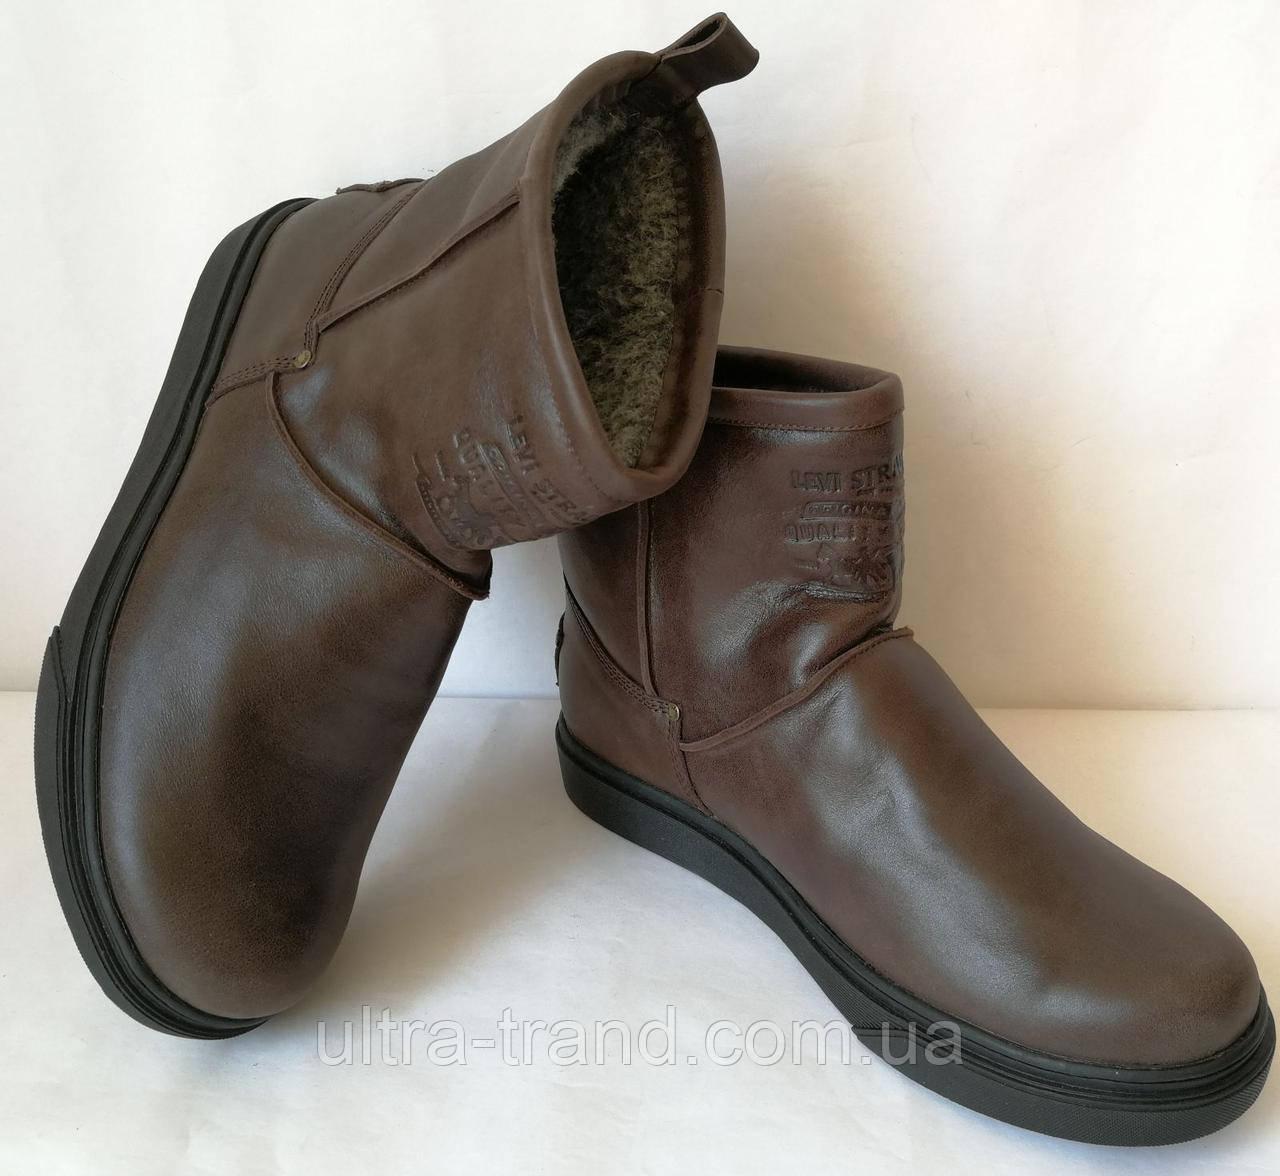 Мужские сапоги Levi's! Levi Strauss Winter угги кожаные UGG коричневая кожа